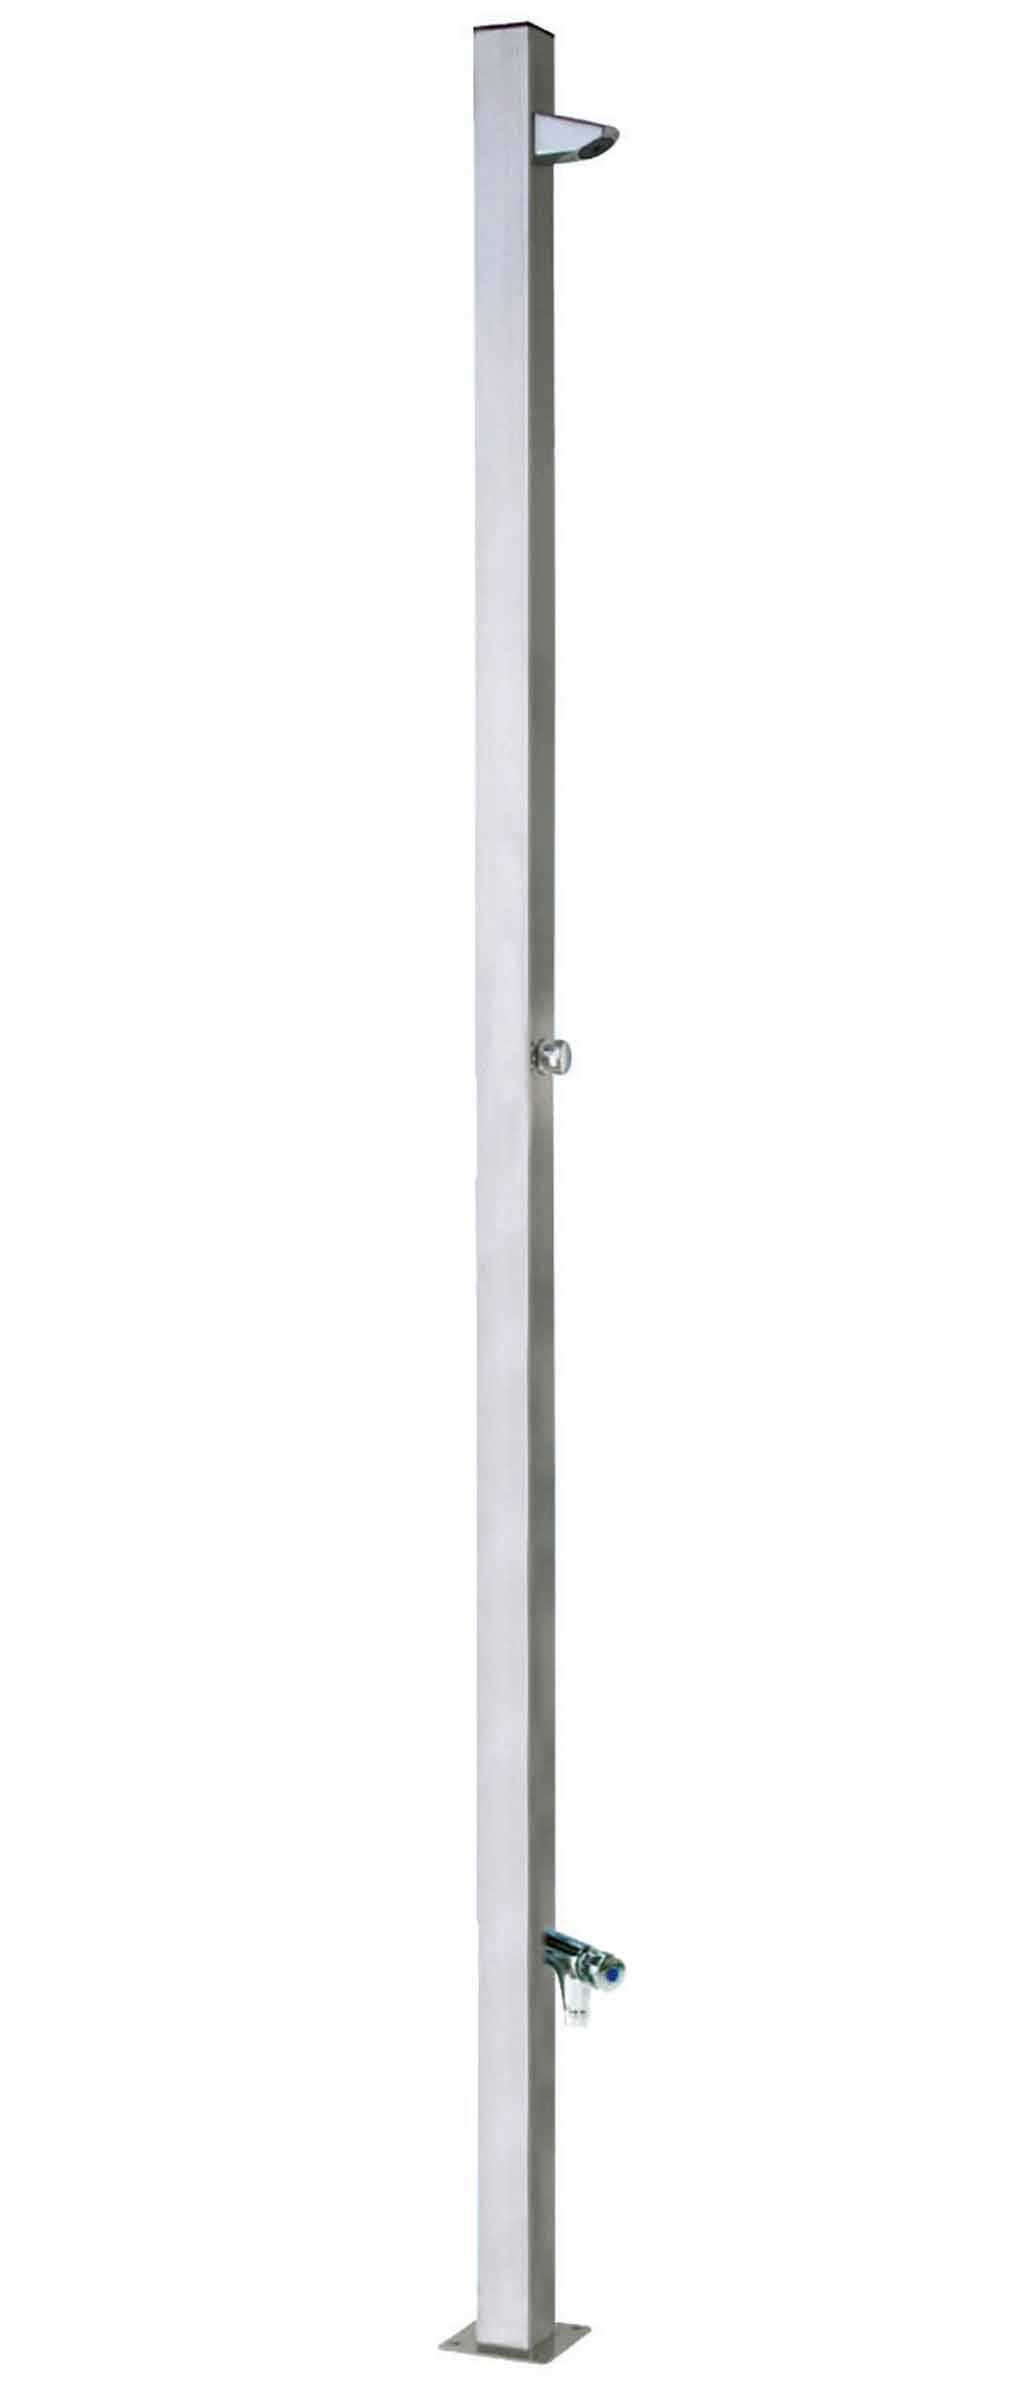 Tetra rozsdamentes acél kerti zuhanyoszlop automatikus vezérléssel, lábmosóval